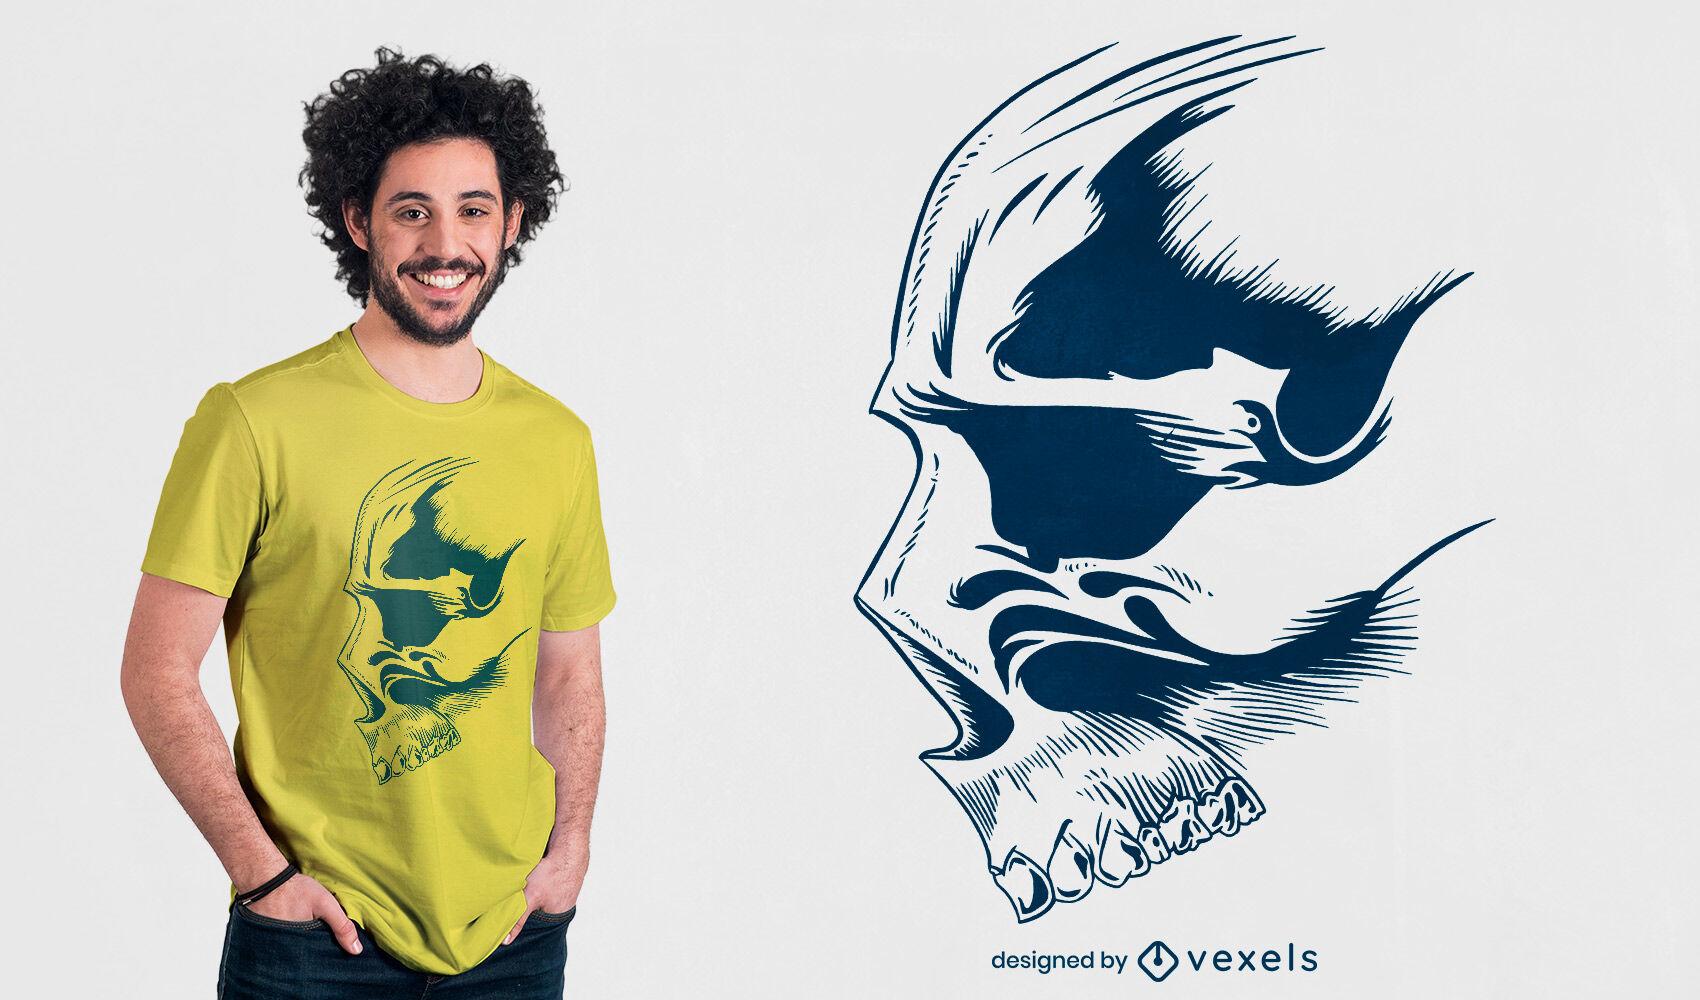 Diseño de camiseta dibujada a mano con cara de calavera